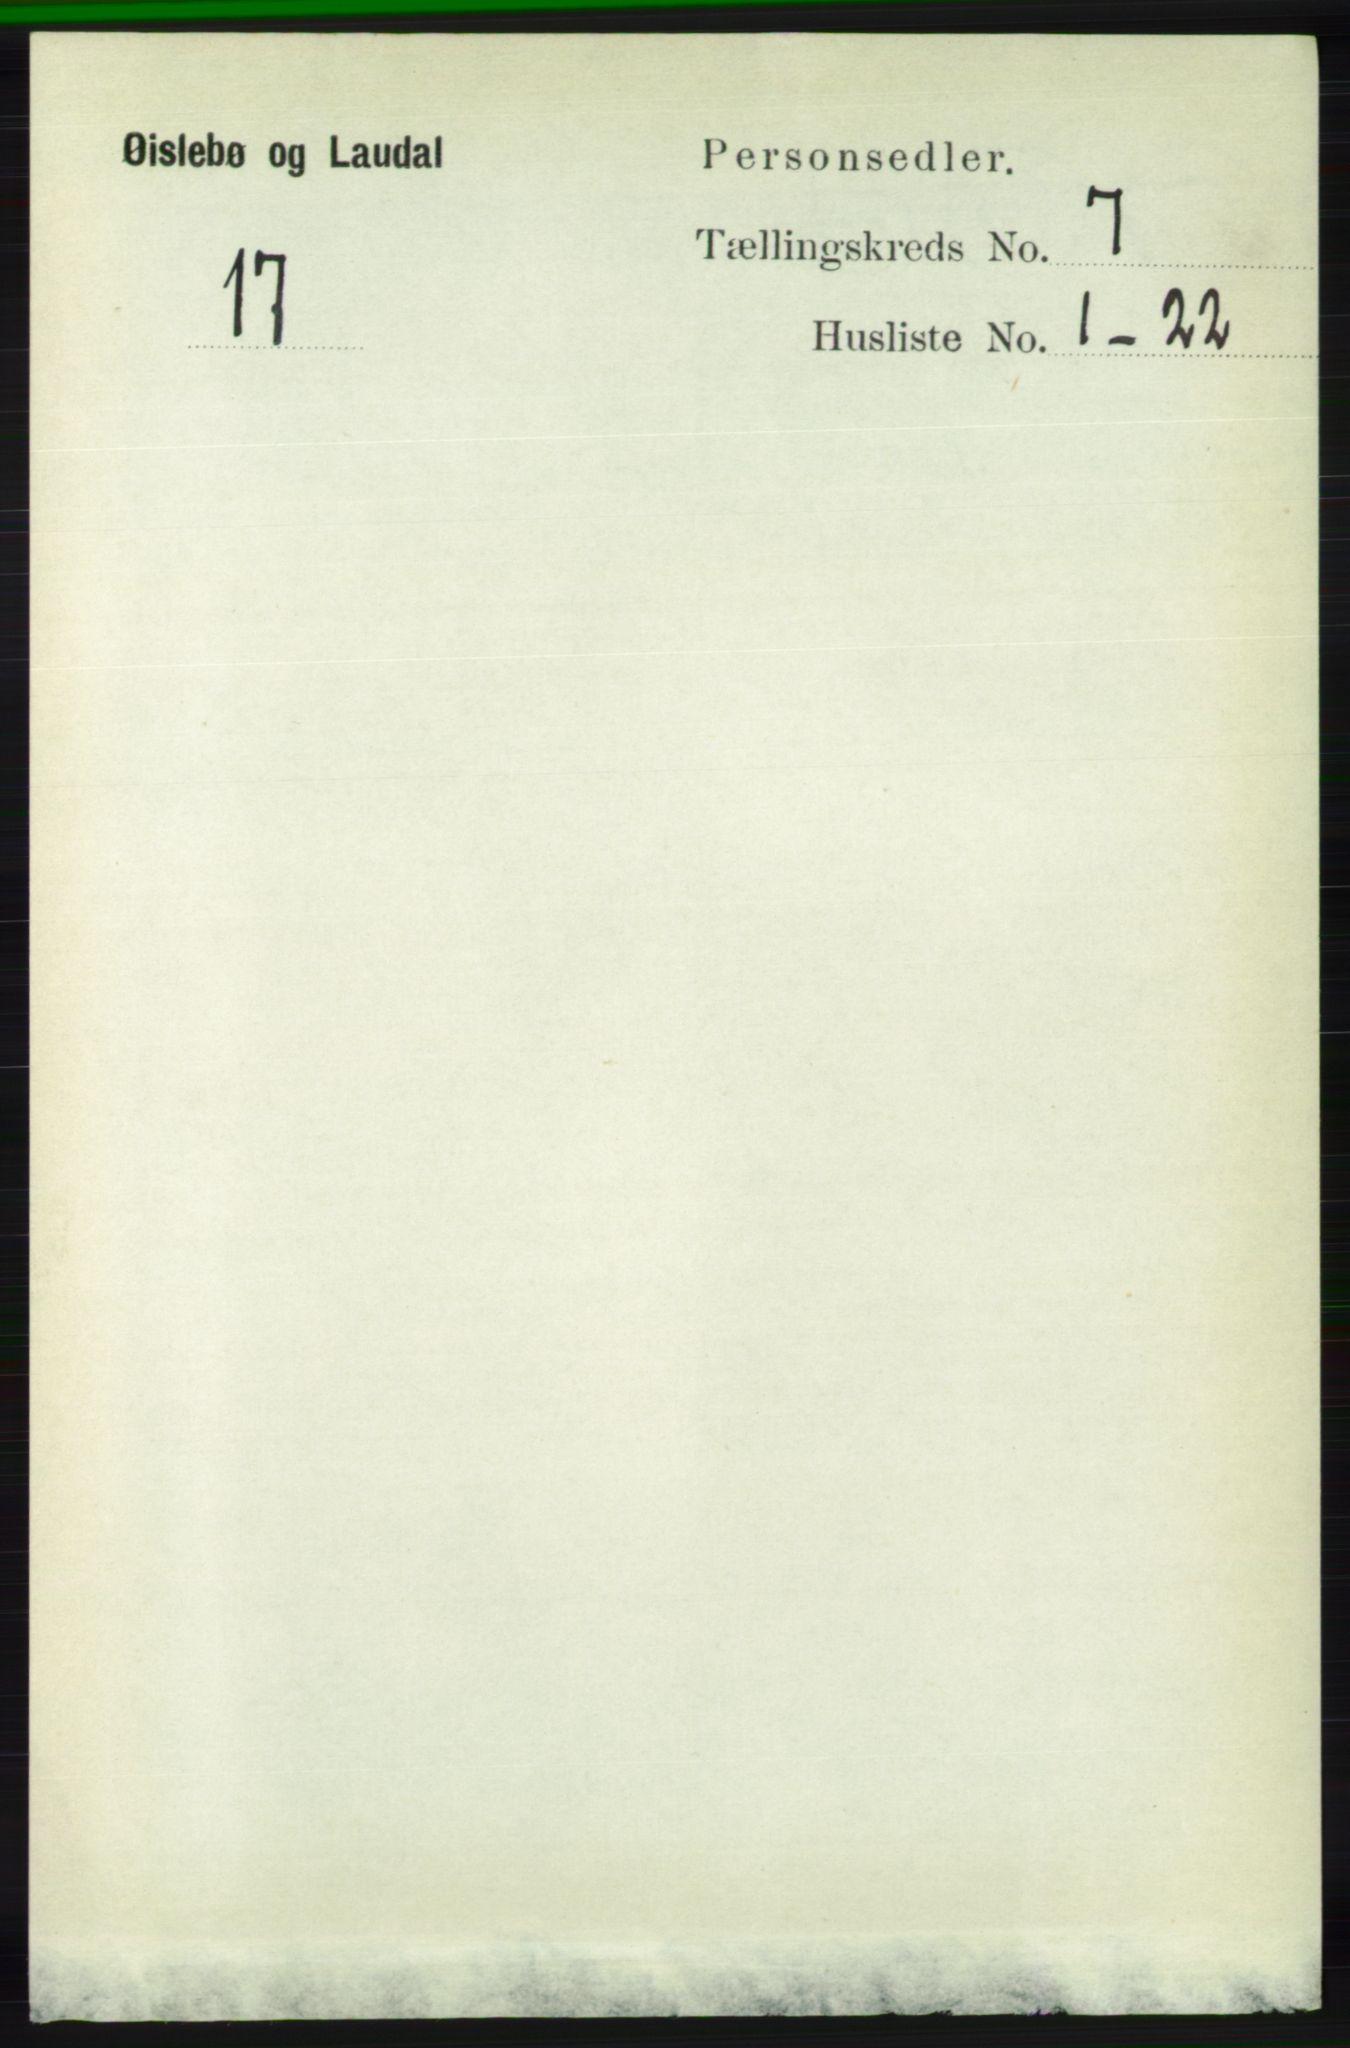 RA, Folketelling 1891 for 1021 Øyslebø og Laudal herred, 1891, s. 1927